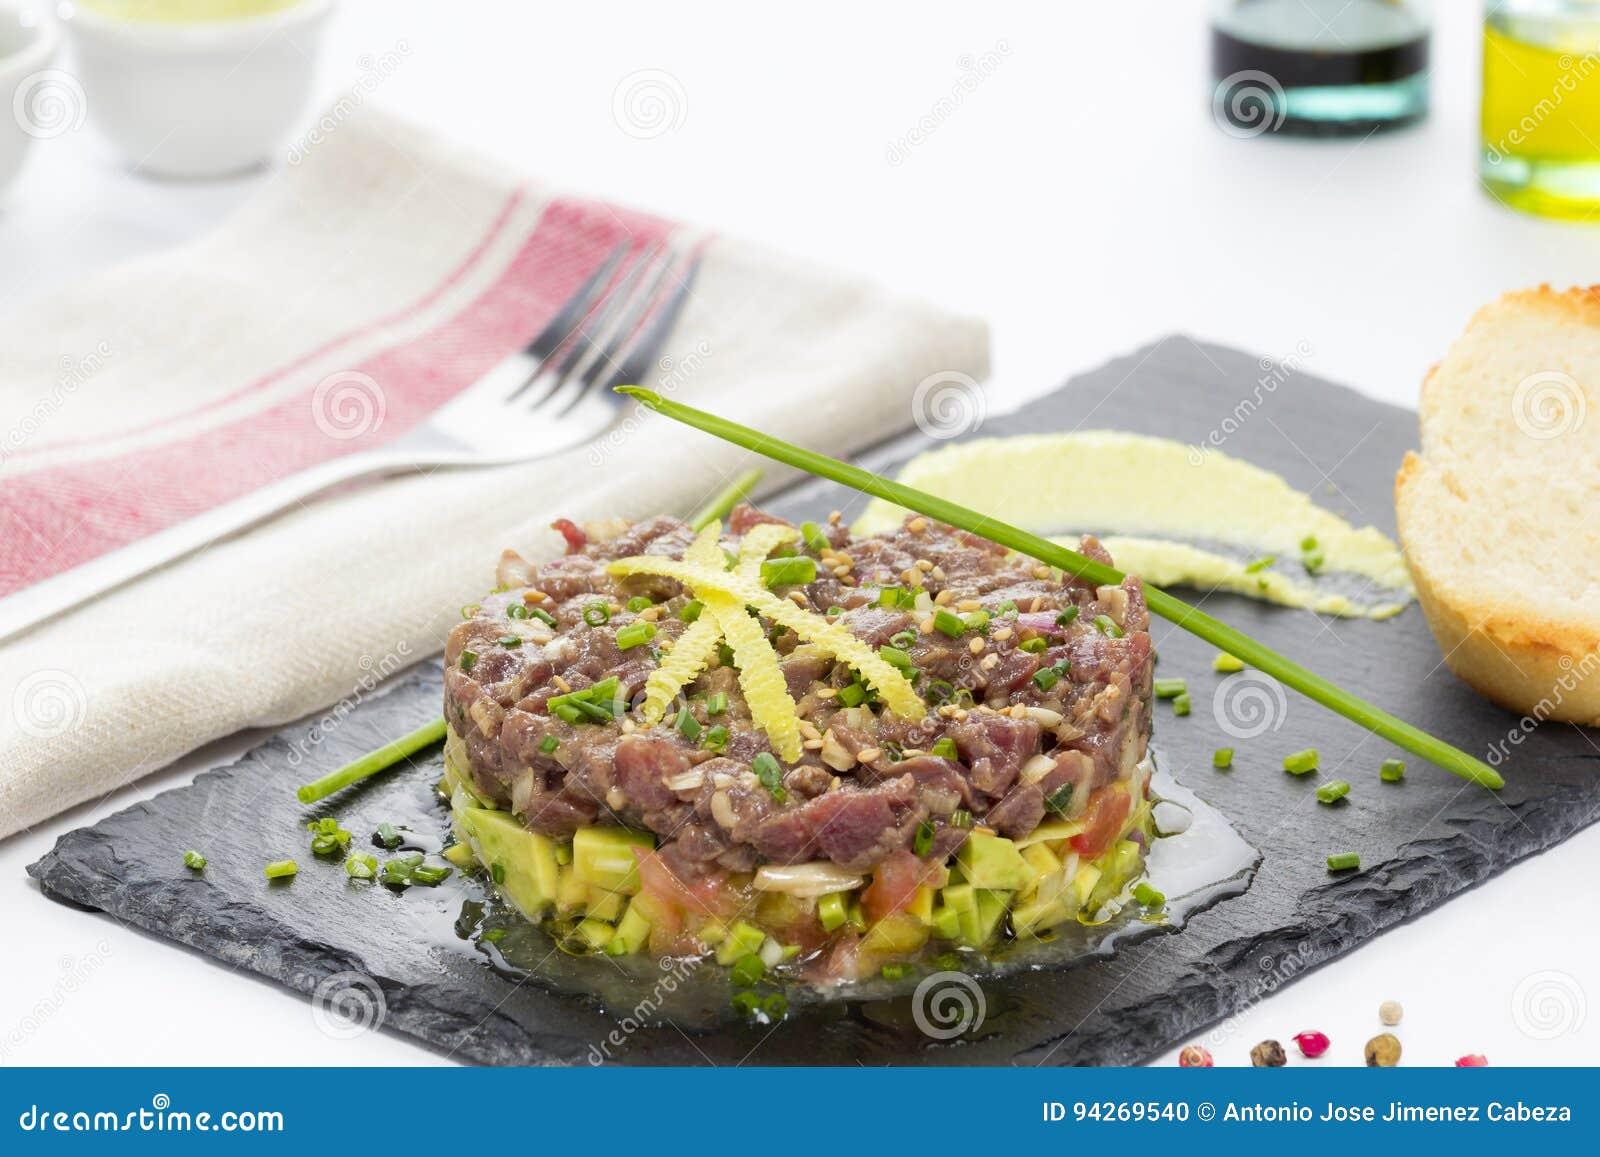 Piatti Cucina In Ardesia : Tonno rosso tartaro su un piatto nero dell ardesia con l avocado